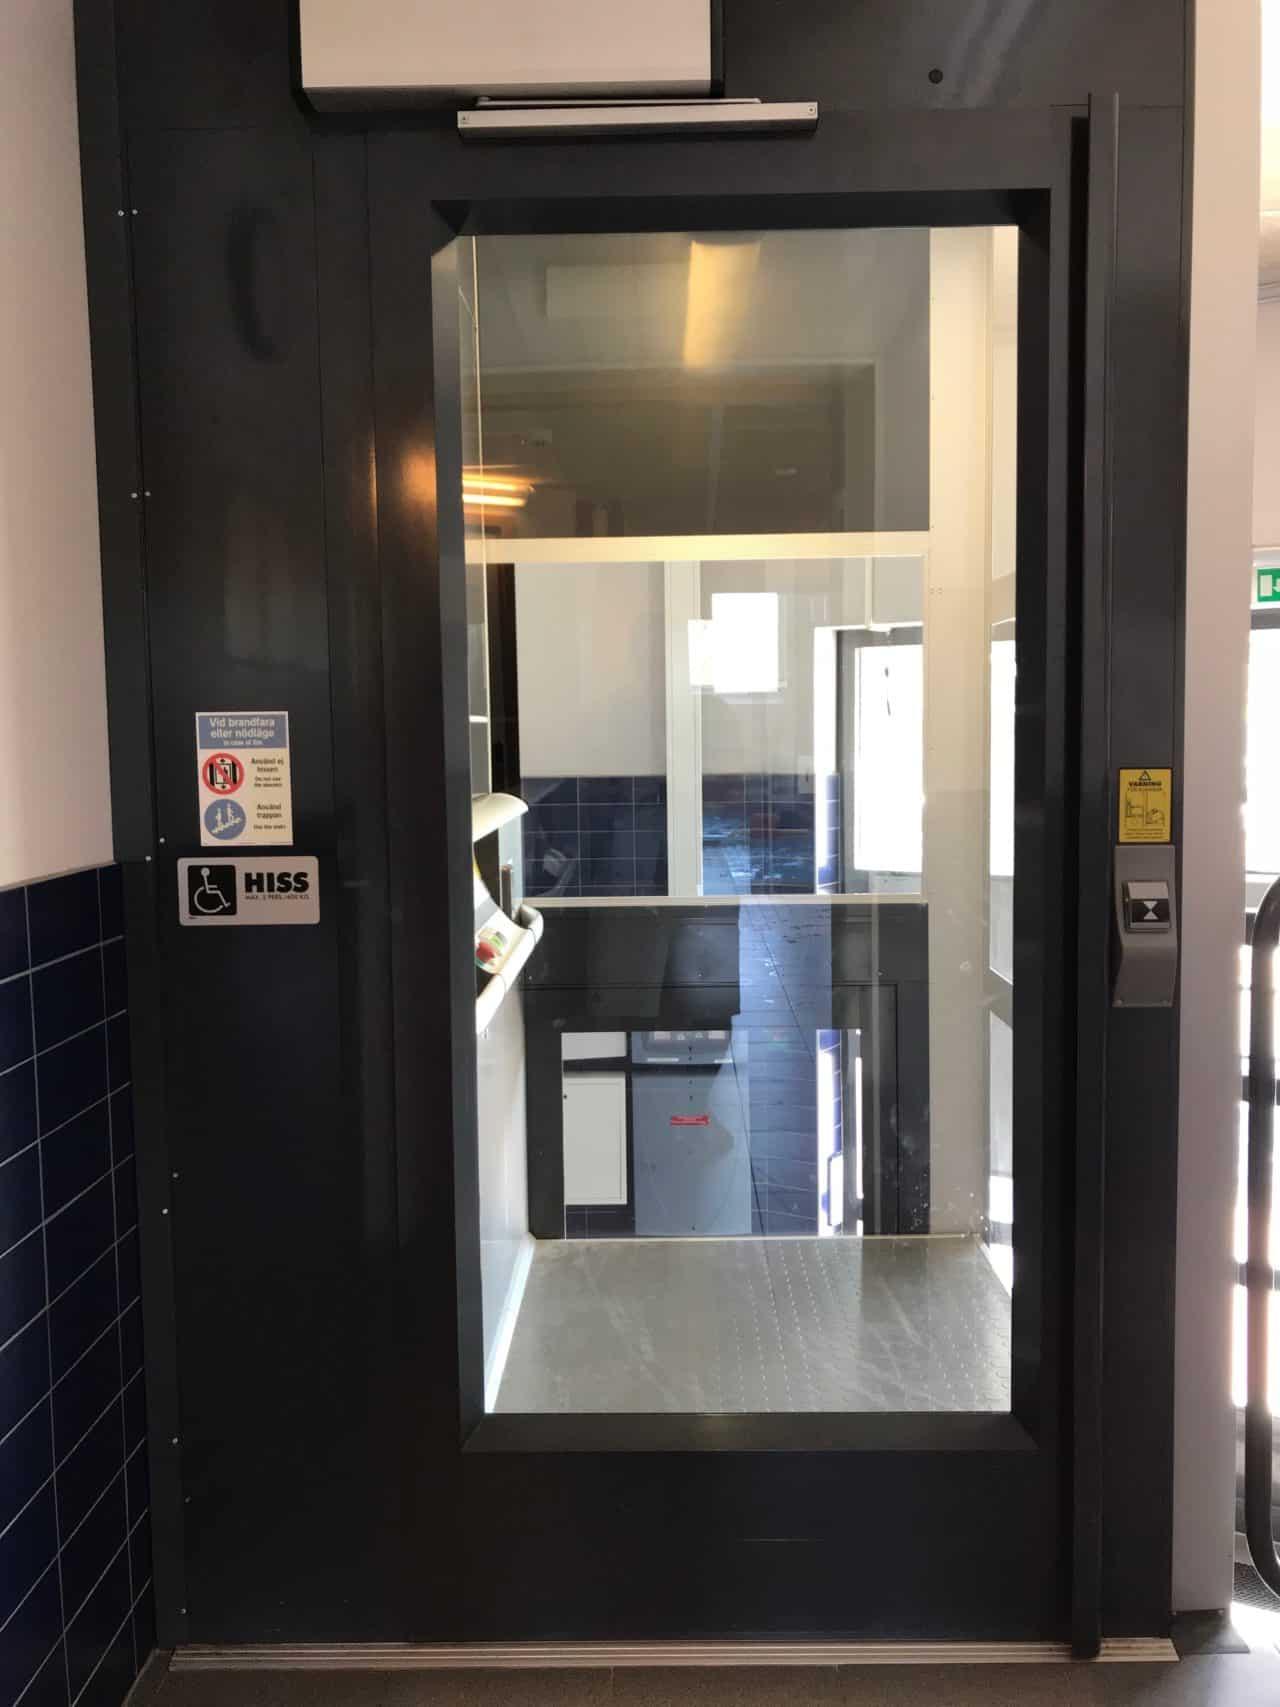 Closed Elevator Glass Door On Top Floor